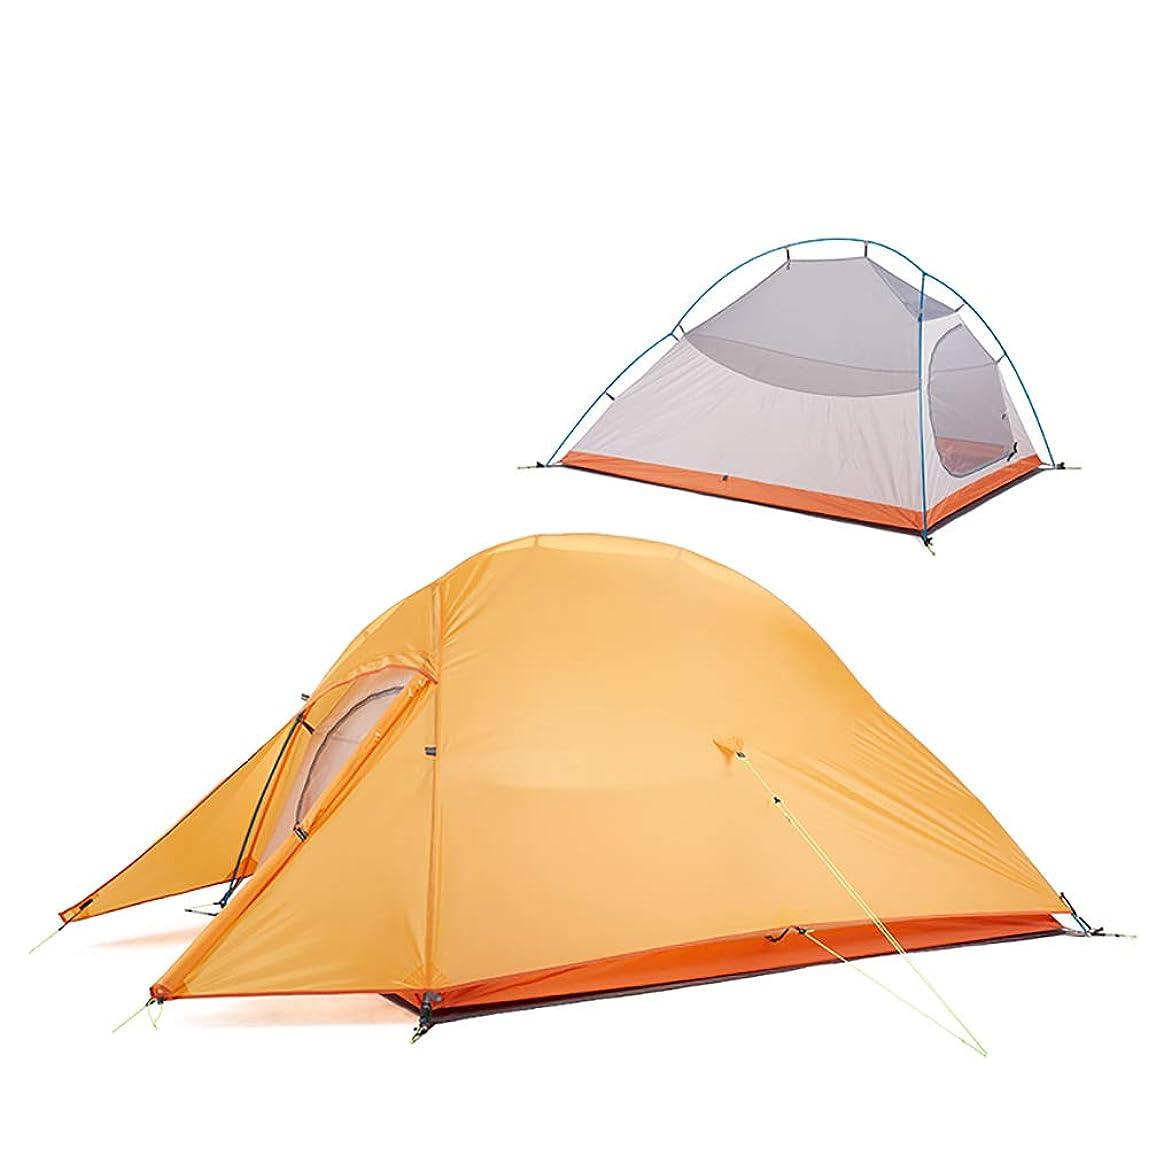 言い換えるとオーロック腐敗2?3人のビーチテント、すばやく組み立てられ、軽量でポータブル、ビーチ、ガーデン、キャンプ、釣り、ピクニックハイキング旅行、キャリングバッグ付き